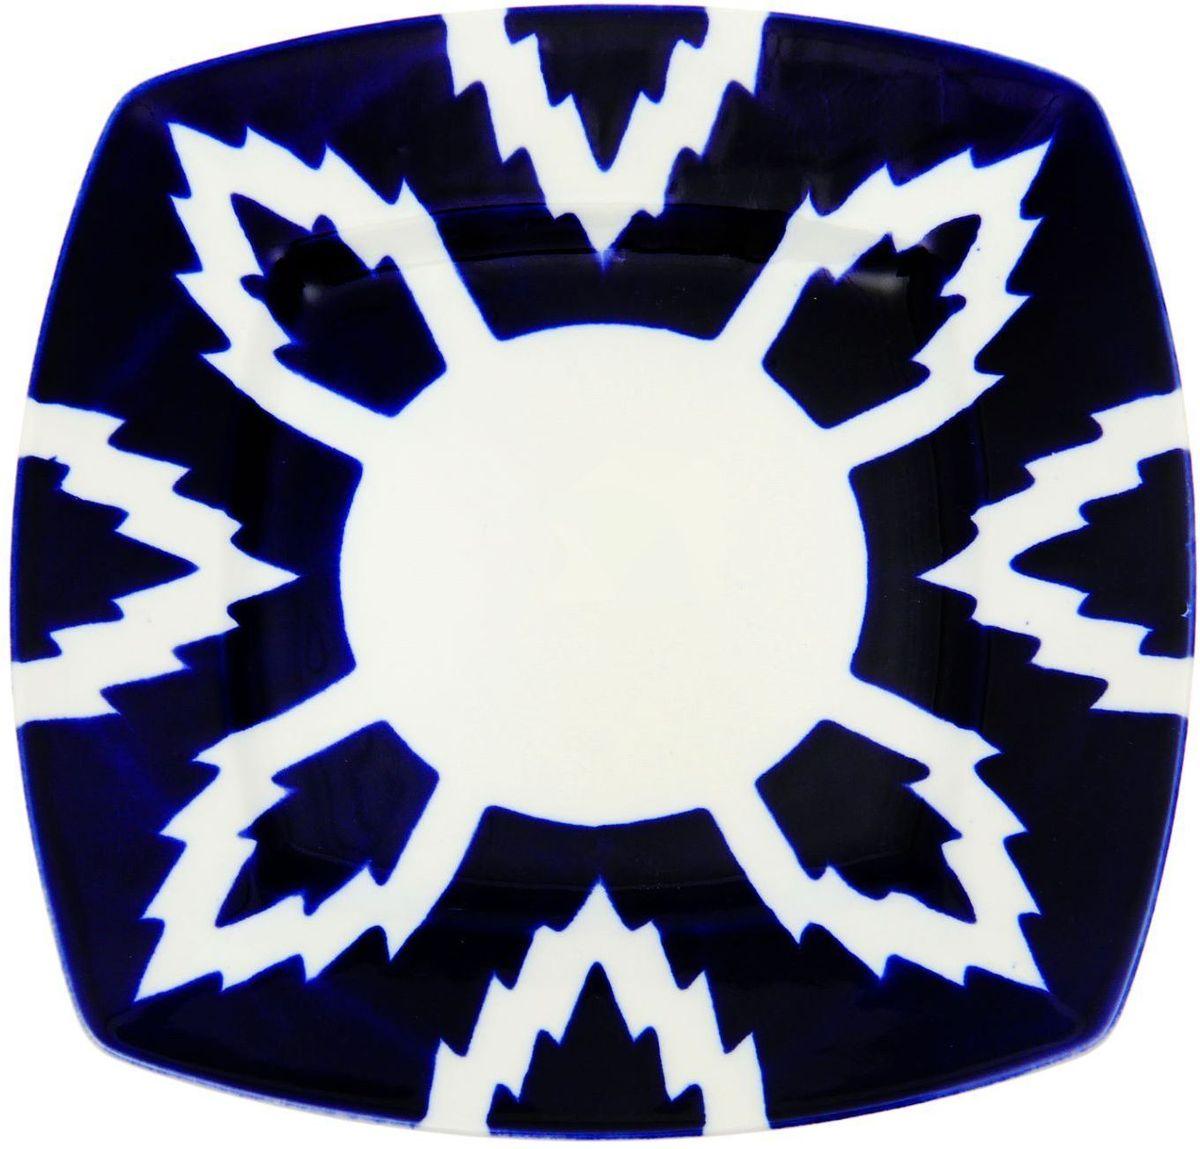 Тарелка Turon Porcelain Атлас, цвет: синий, белый, 20 х 20 см1625400Узбекская посуда известна всему миру уже более тысячи лет. Ей любовались царские особы, на ней подавали еду для шейхов и знатных персон. Формулы красок и глазури передаются из поколения в поколение. По сей день качественные расписные изделия продолжают восхищать совершенством и завораживающей красотой.Данный предмет подойдёт для повседневной и праздничной сервировки. Дополните стол текстилем и салфетками в тон, чтобы получить элегантное убранство с яркими акцентами.Национальная узбекская роспись «Атлас» имеет симметричный геометрический рисунок. Узоры, похожие на листья, выводятся тонкой кистью, фон заливается тёмно-синим кобальтом. Синий краситель при обжиге слегка растекается и придаёт контуру изображений голубой оттенок. Густая глазурь наносится толстым слоем, благодаря чему рисунок мерцает.